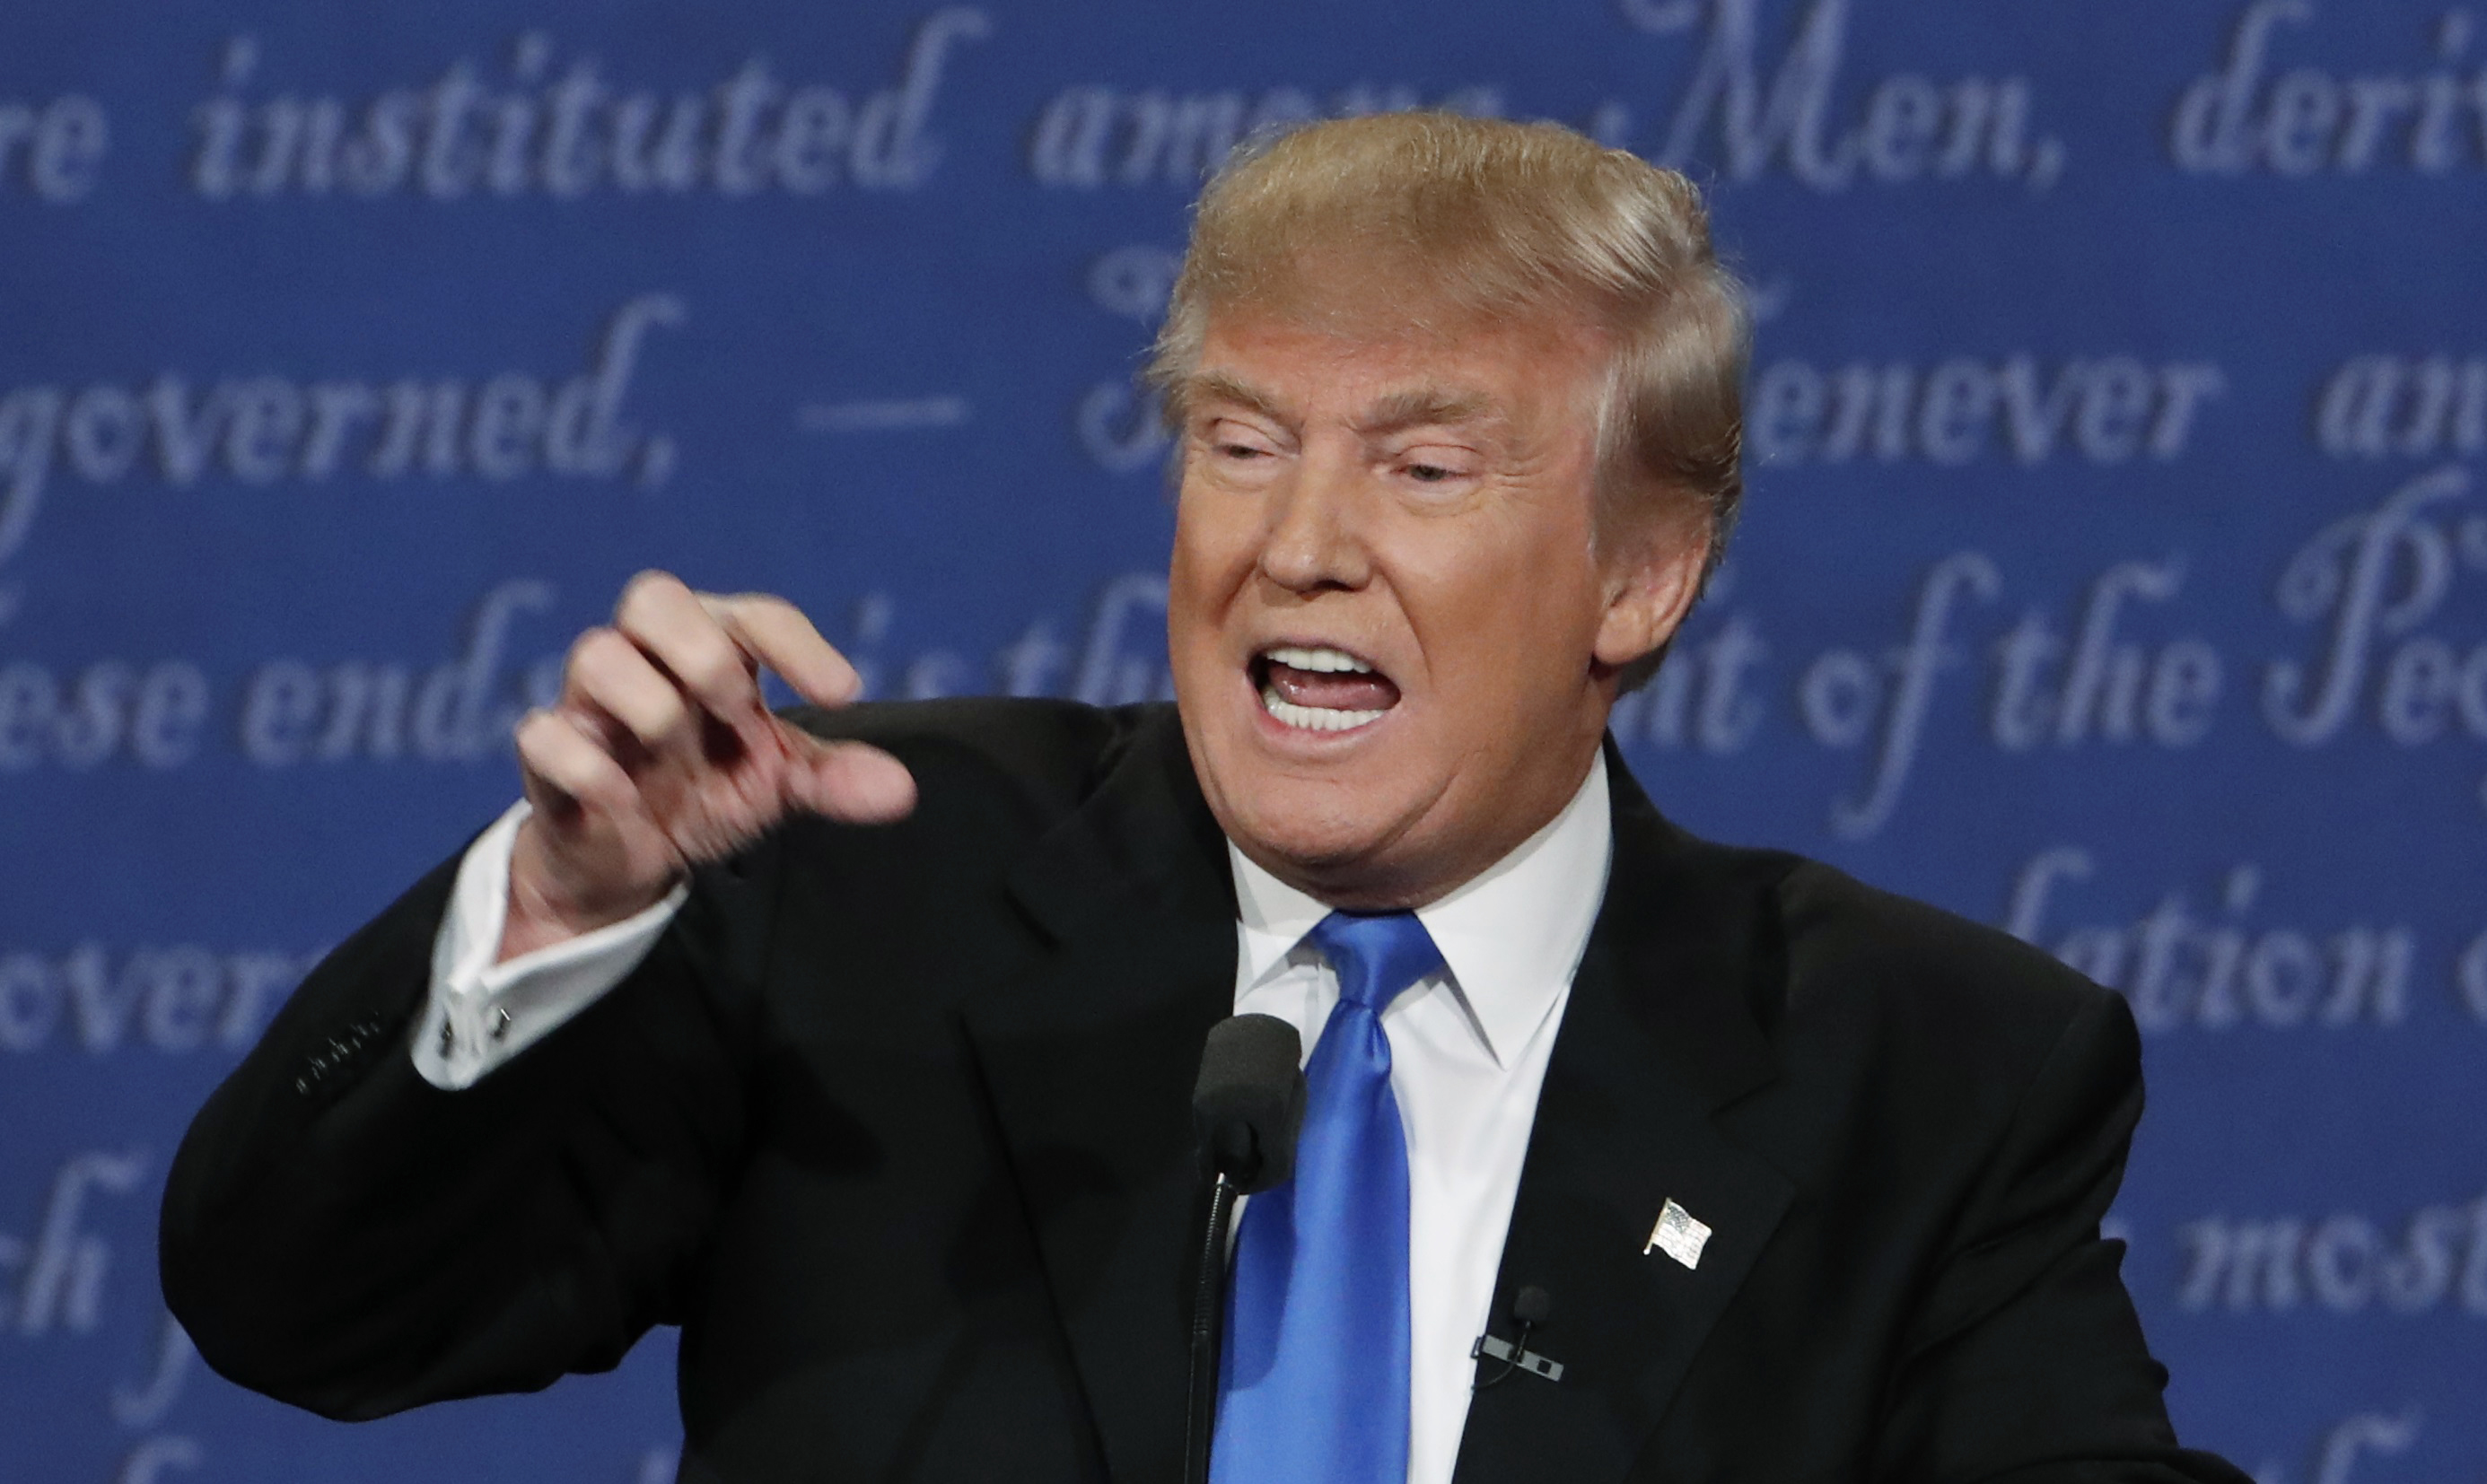 Republican U.S. presidential nominee Donald Trump speaks during first presidential debate at Hofstra University in Hempstead